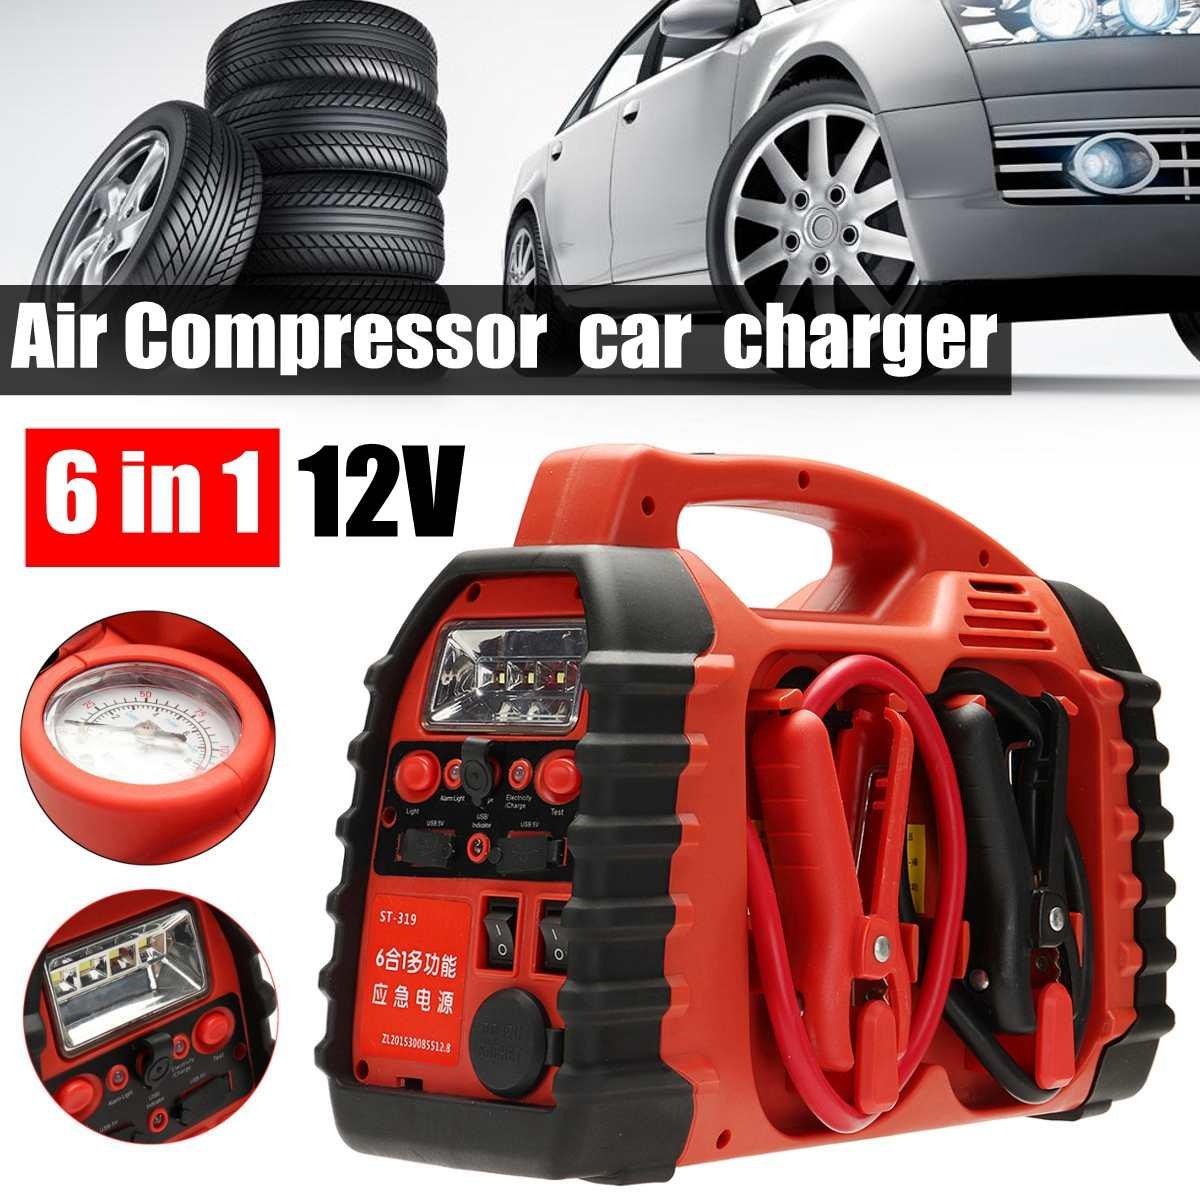 7 em 1/6 Em 1 12 V Multifunation Compressor de Ar Compressor De Ar Do Carro Carregador de Bateria Ir Para Iniciantes Portátil boost